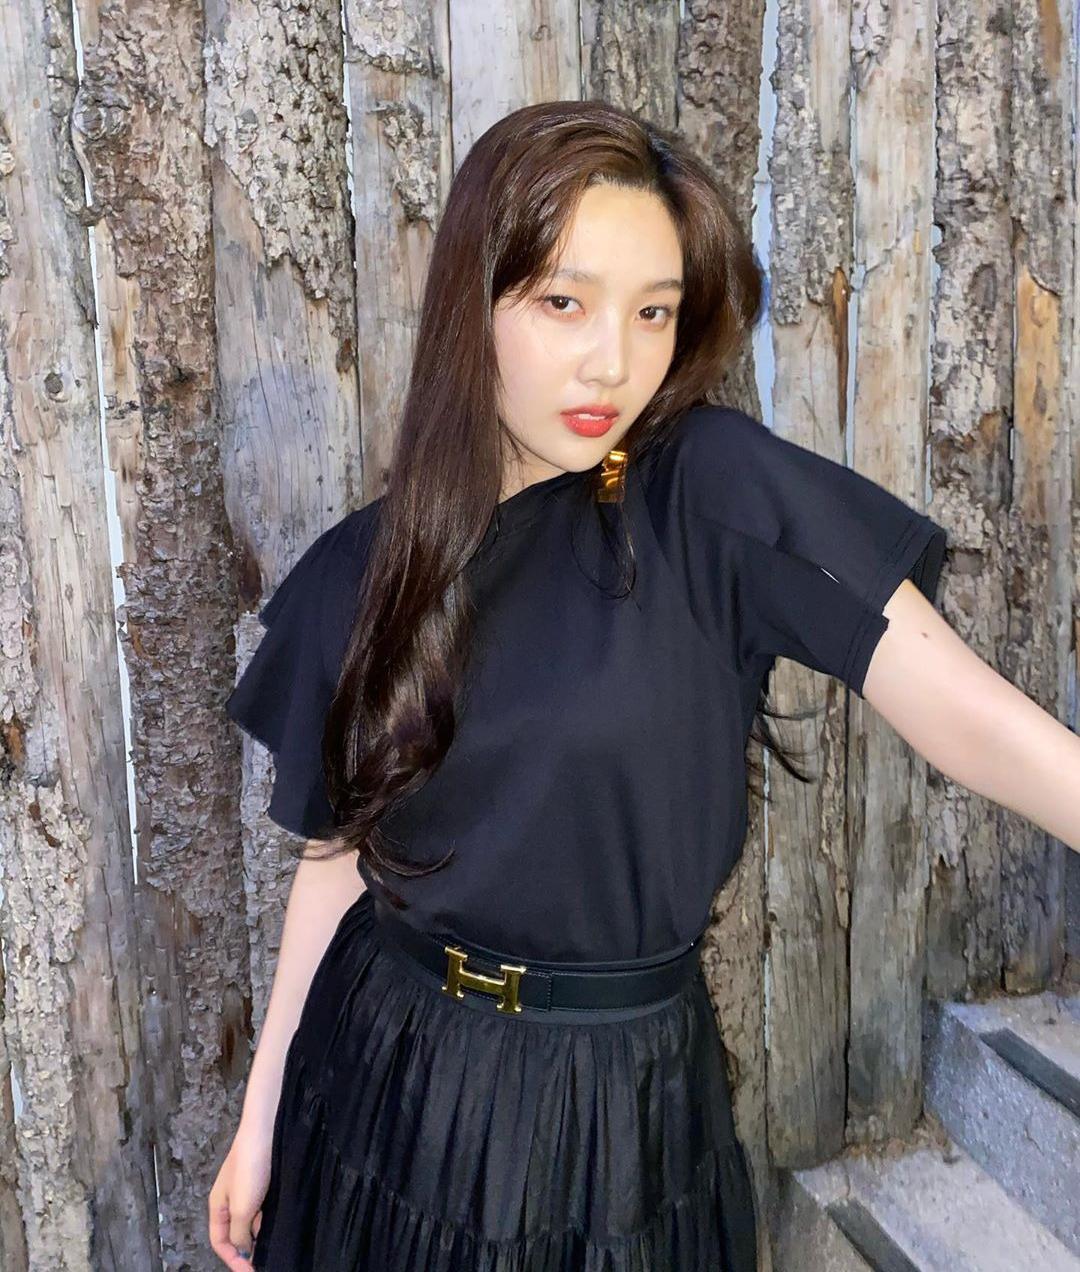 Nếu cần tạo điểm nhấn, cô nàng chỉ dùng thắt lưng hoặc hoa tai, bờm tóc đơn giản, mang hơi hướng vintage.